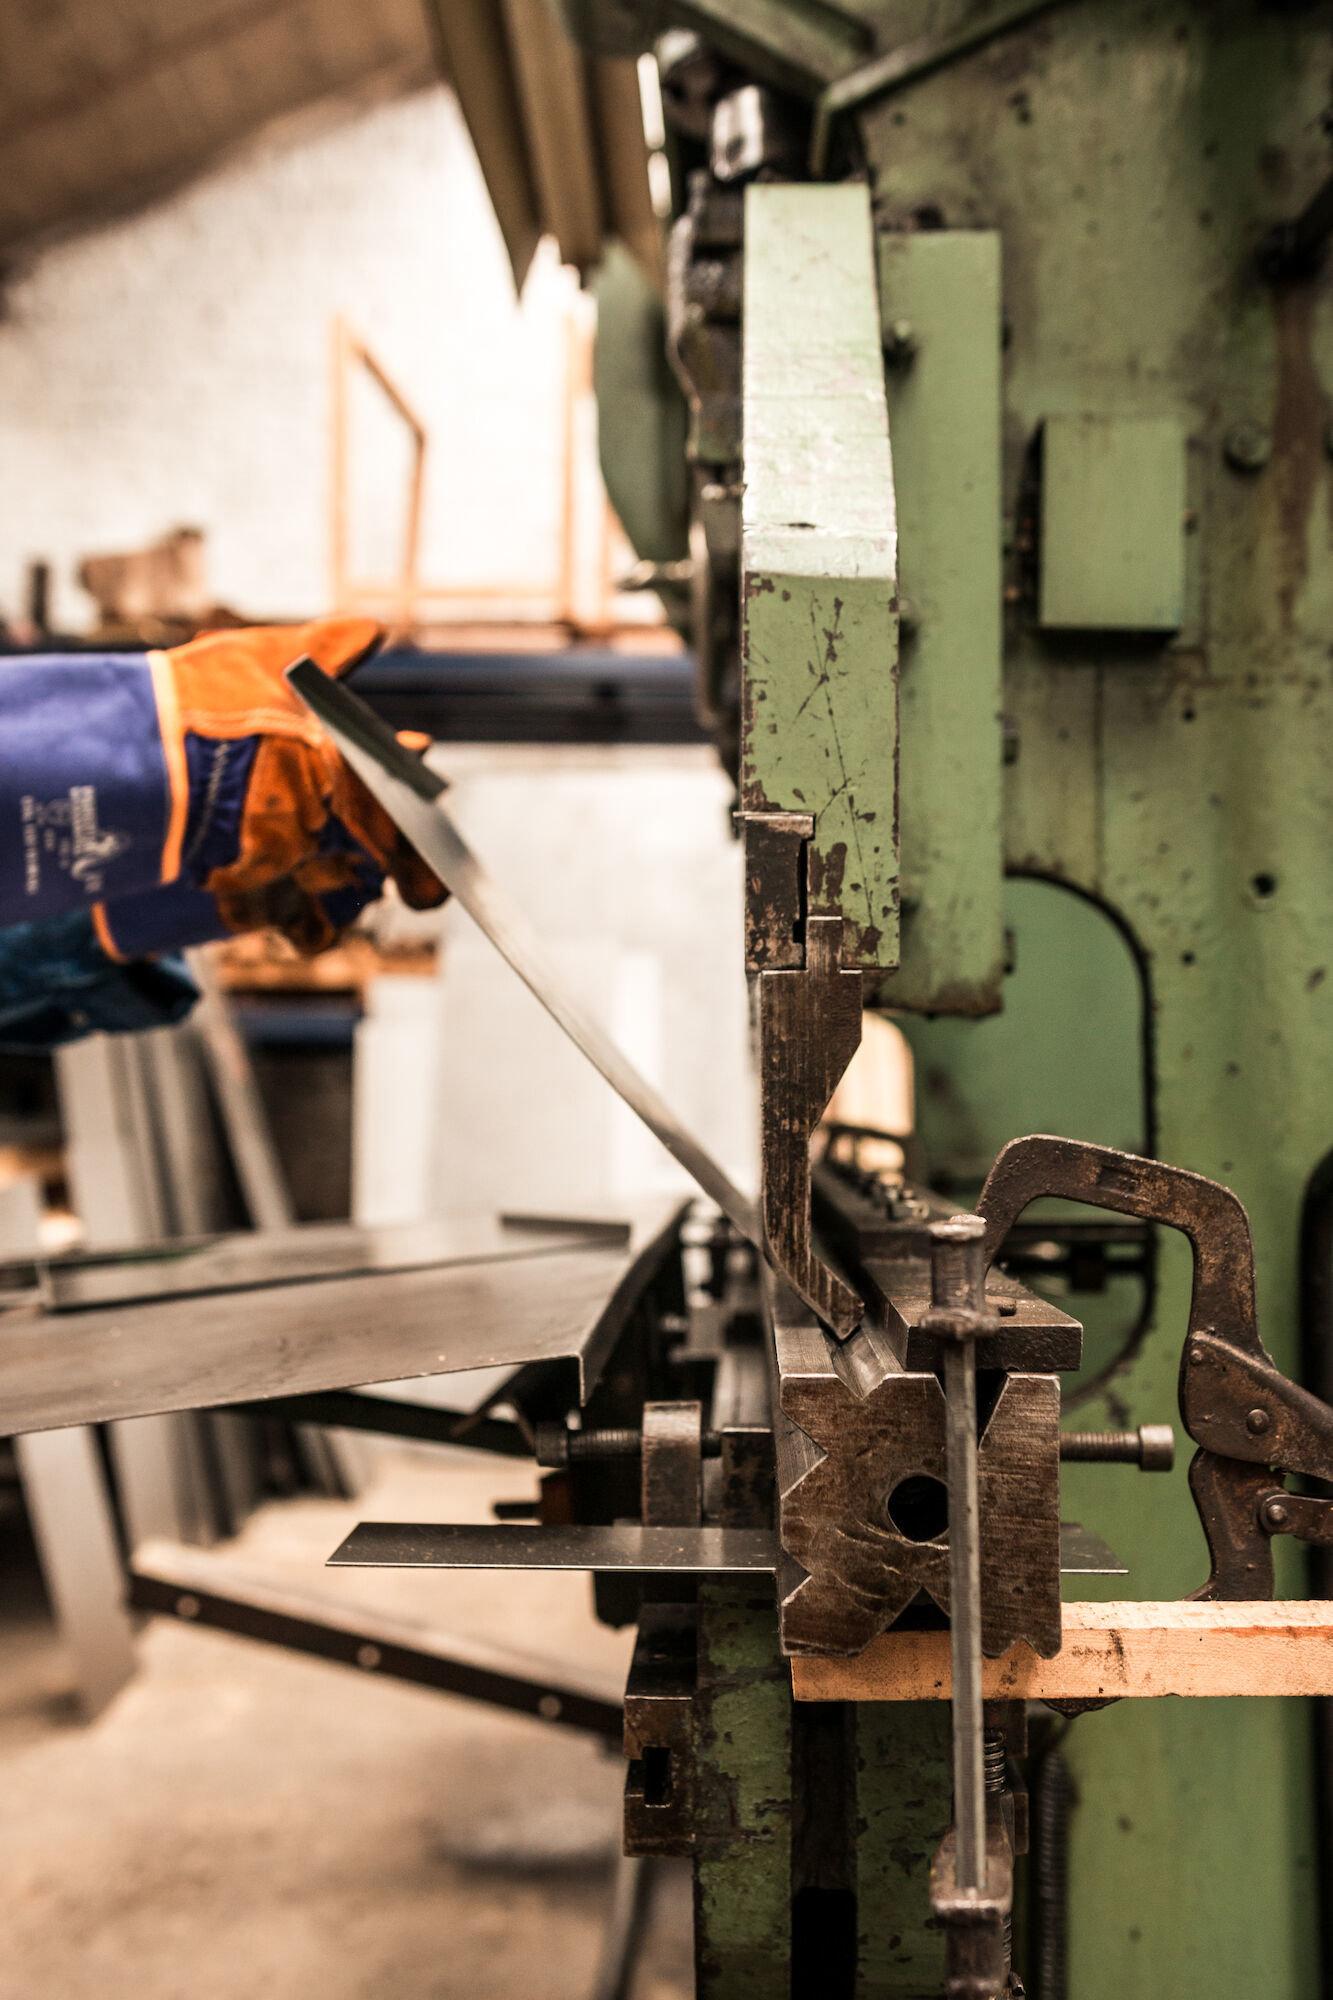 Plaatslager aan het werk in het atelier van Emaillerie Belge